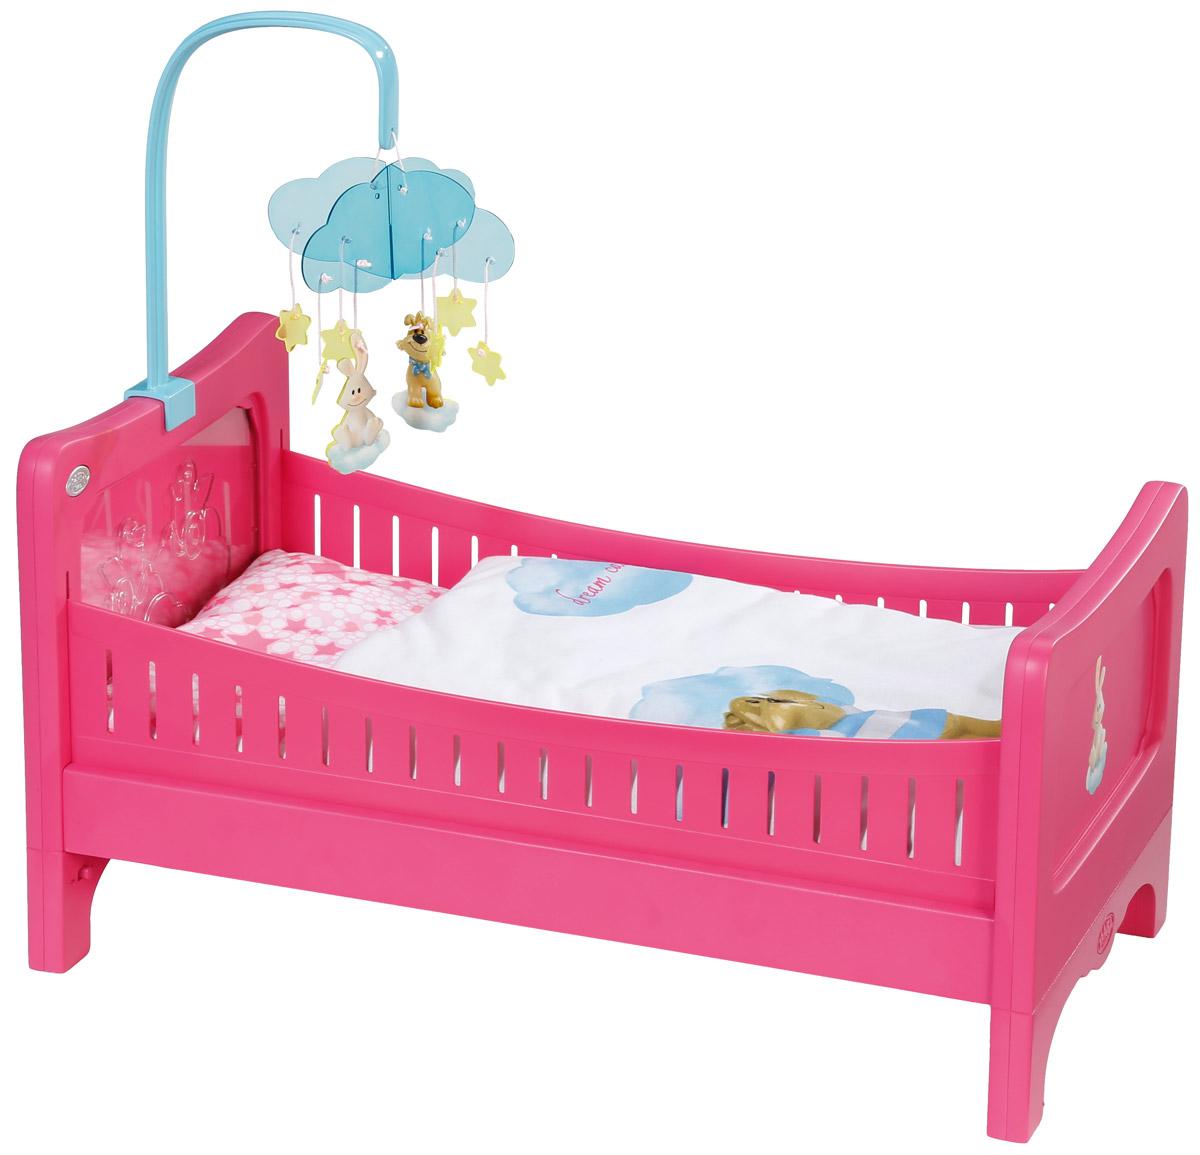 Baby Born Кровать для кукол822-289Прелестная кроватка Baby Born создана, чтобы малышка Baby Born сладко спала и видела сказочные сны. Кроватка выполнена из прочного пластика и украшена рельефными изображениями зверят. В комплект также входит матрасик, подушка и одеяло для куклы. Кроватка легко разбирается и легко собирается, что позволяет легко хранить ее и брать с собой в дорогу. Если положить куклу на кровать и нажать на кнопку вверху подвесной мобили, то подвеска зазвучит и начнется светится изображениями двух птичек. Такая кроватка прекрасно подходит для милой куколки Baby Born! Теперь ваша малышка сможет убаюкивать своих кукол в удобной детской кроватке. Порадуйте ее таким замечательным подарком! Подходит для кукол Baby Born высотой 43 см. Кукла в комплект не входит. Необходимо докупить 3 батарейки напряжением 1,5V типа AАA (не входят в комплект).